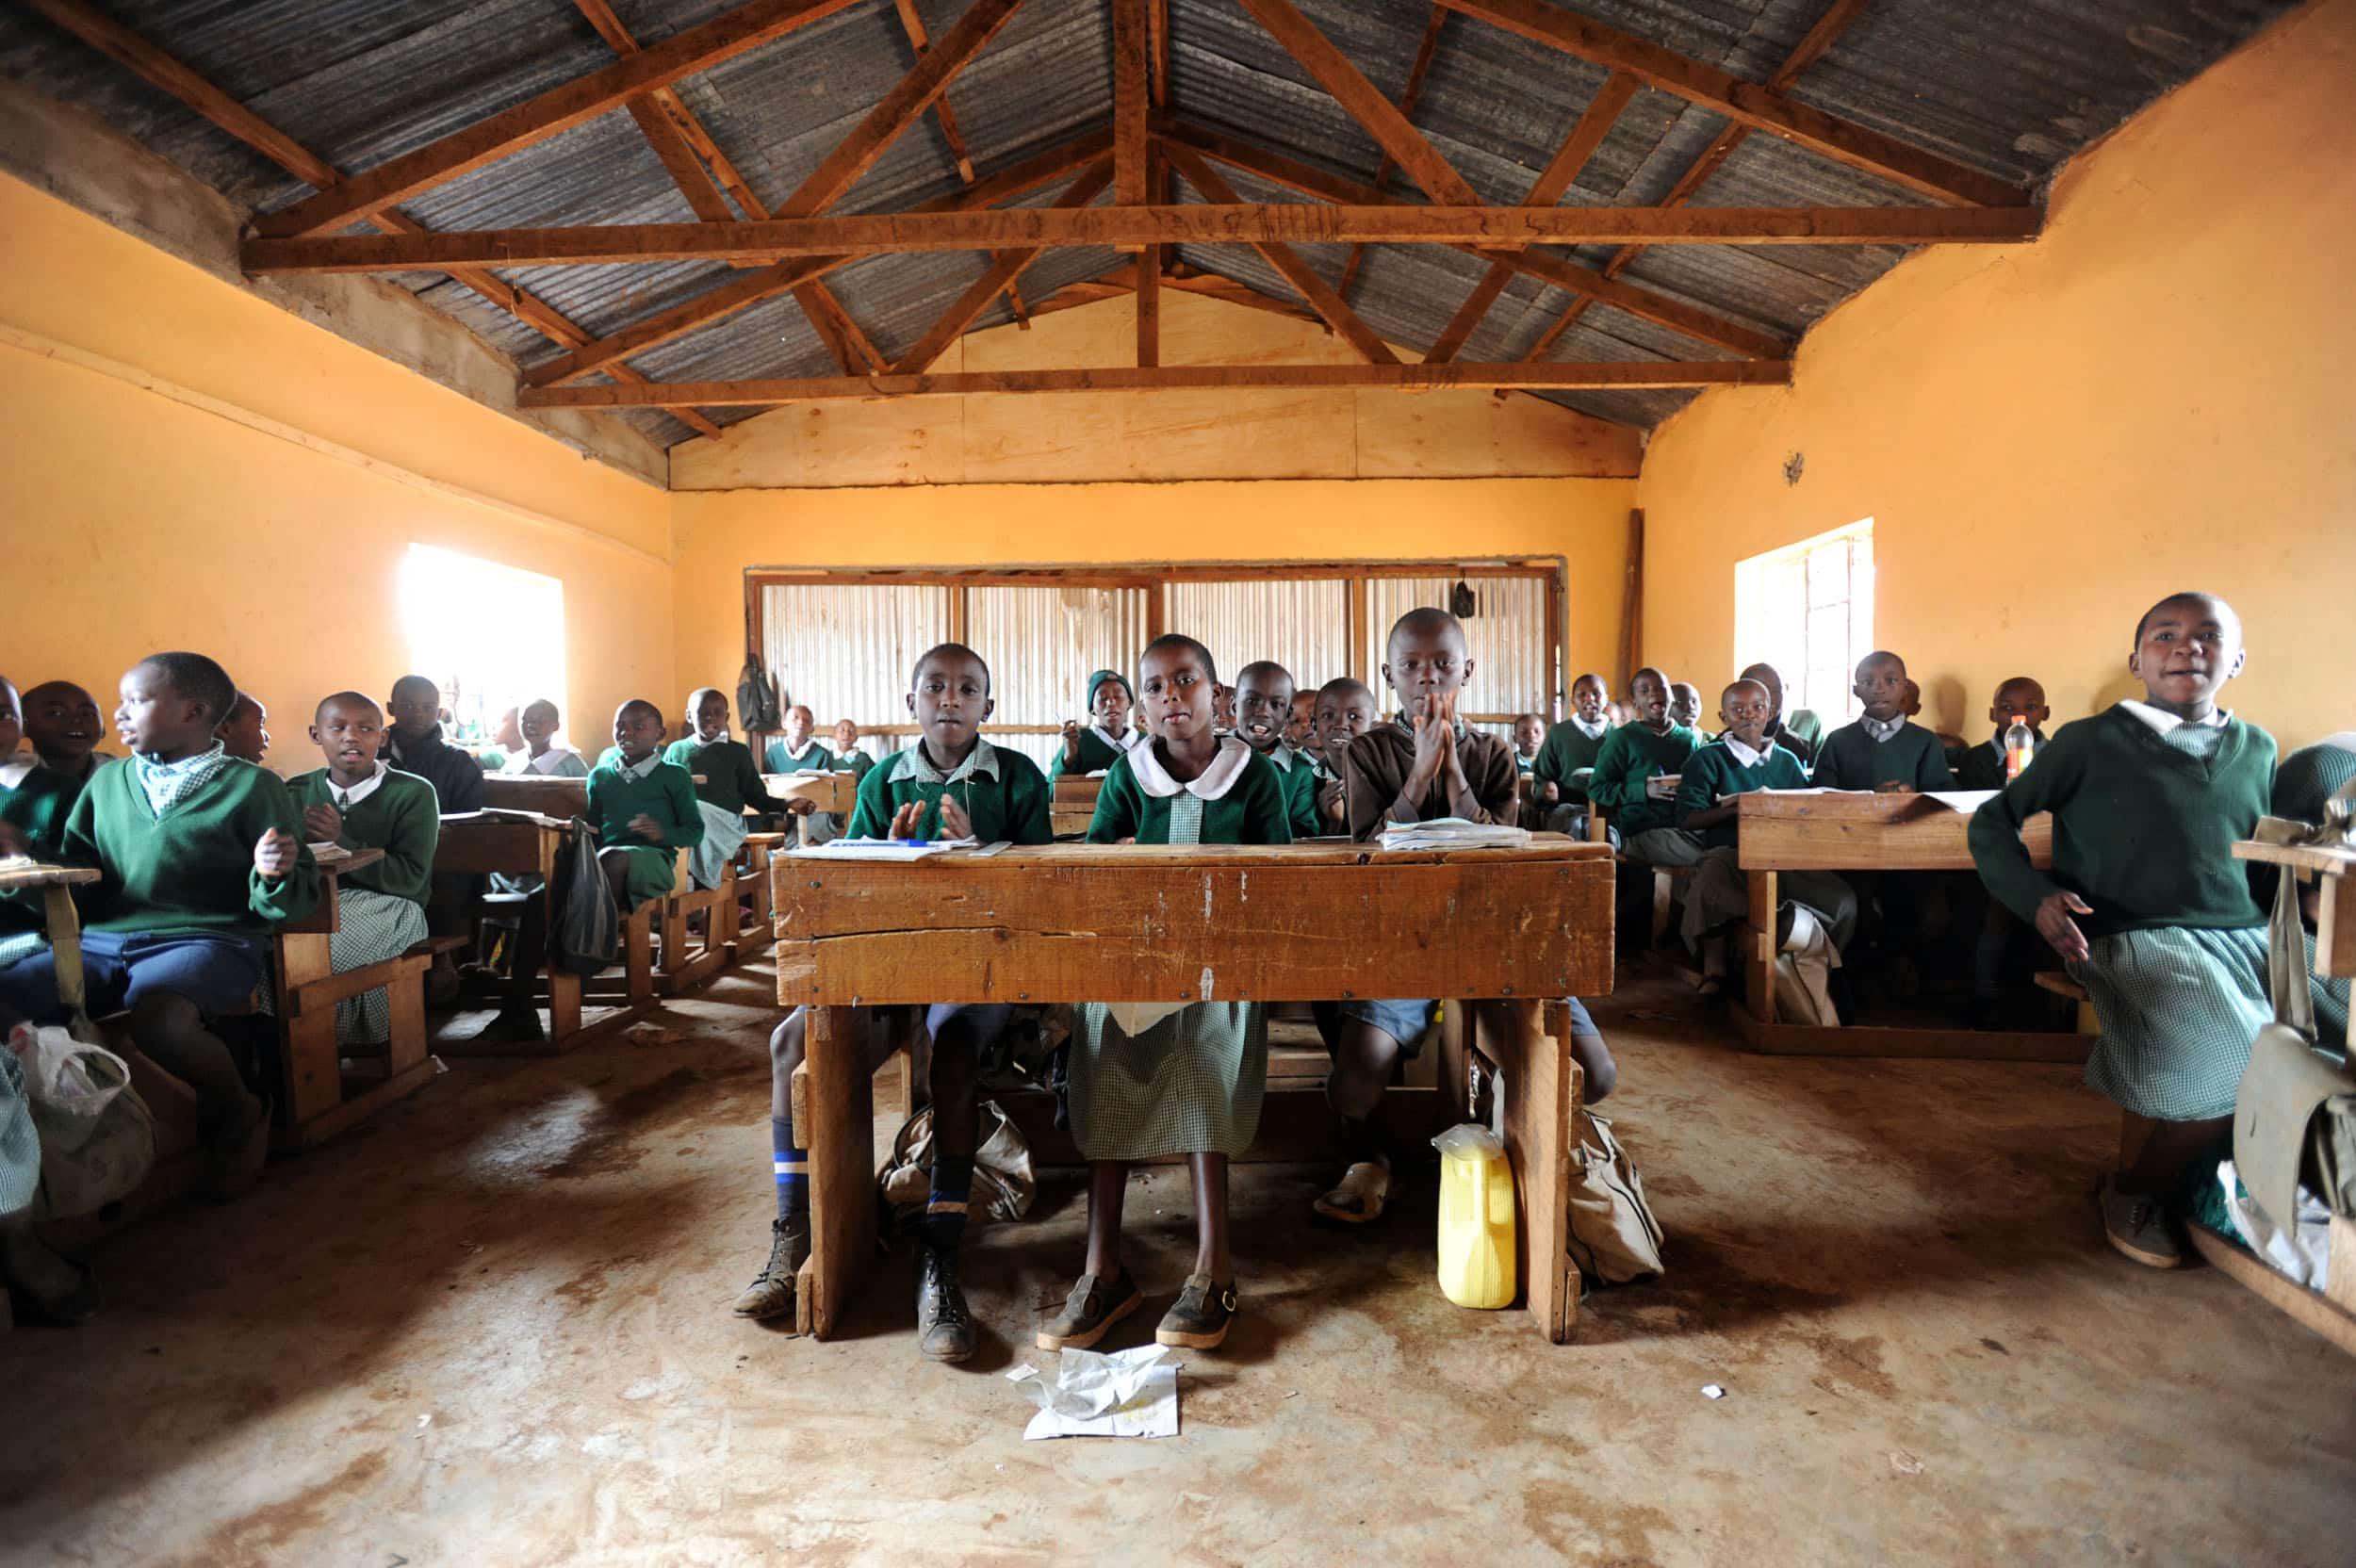 Proyecto de mejora de la calidad de la enseñanza en la escuela pública